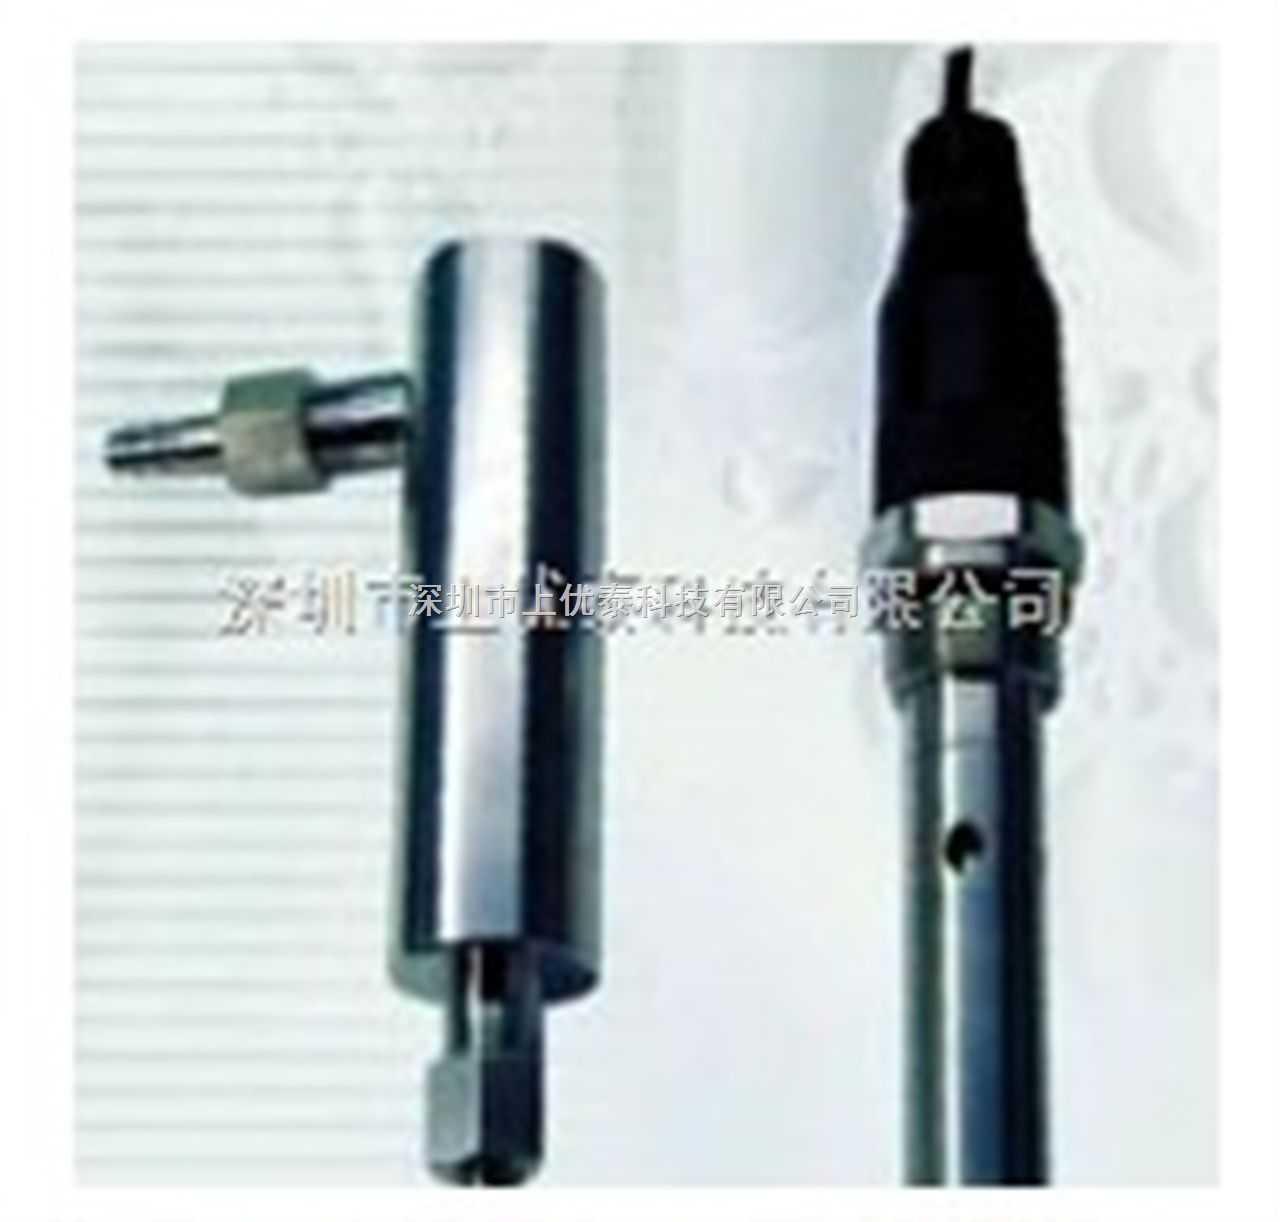 工业在线电导电极,纯水在线电导电极,不锈钢电导电极